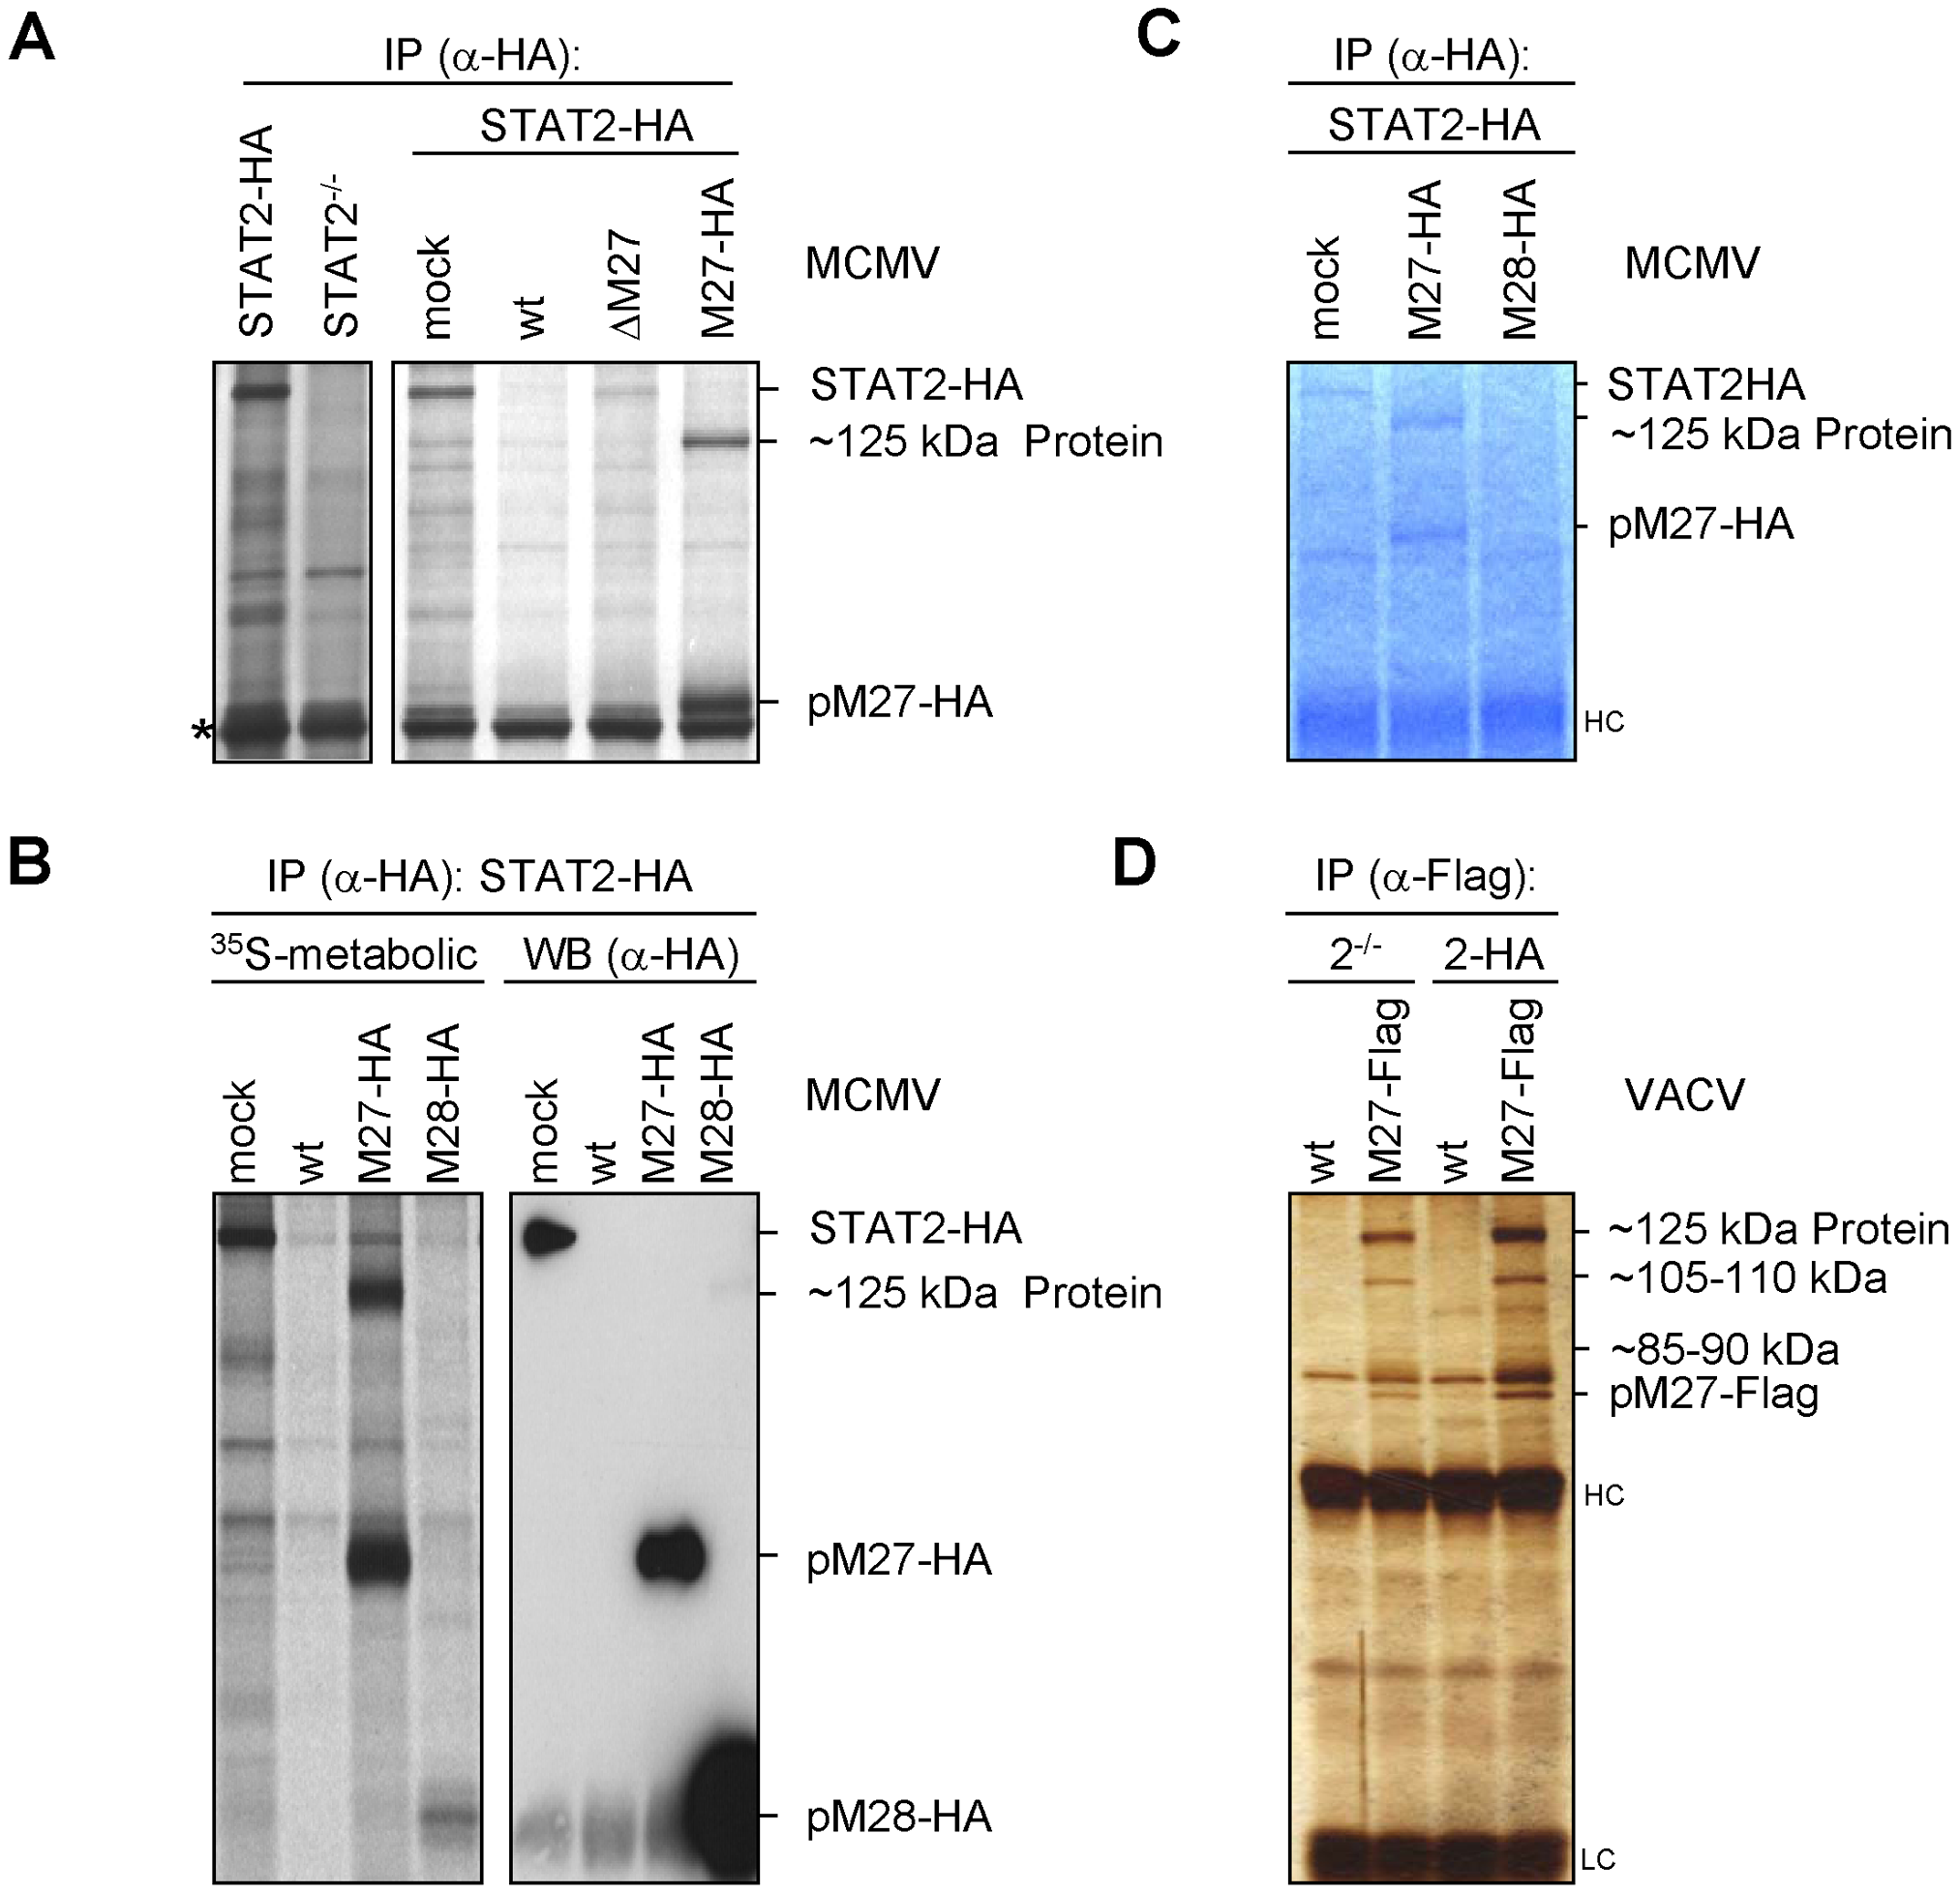 pM27 co-precipitates a ∼125 kDa protein.